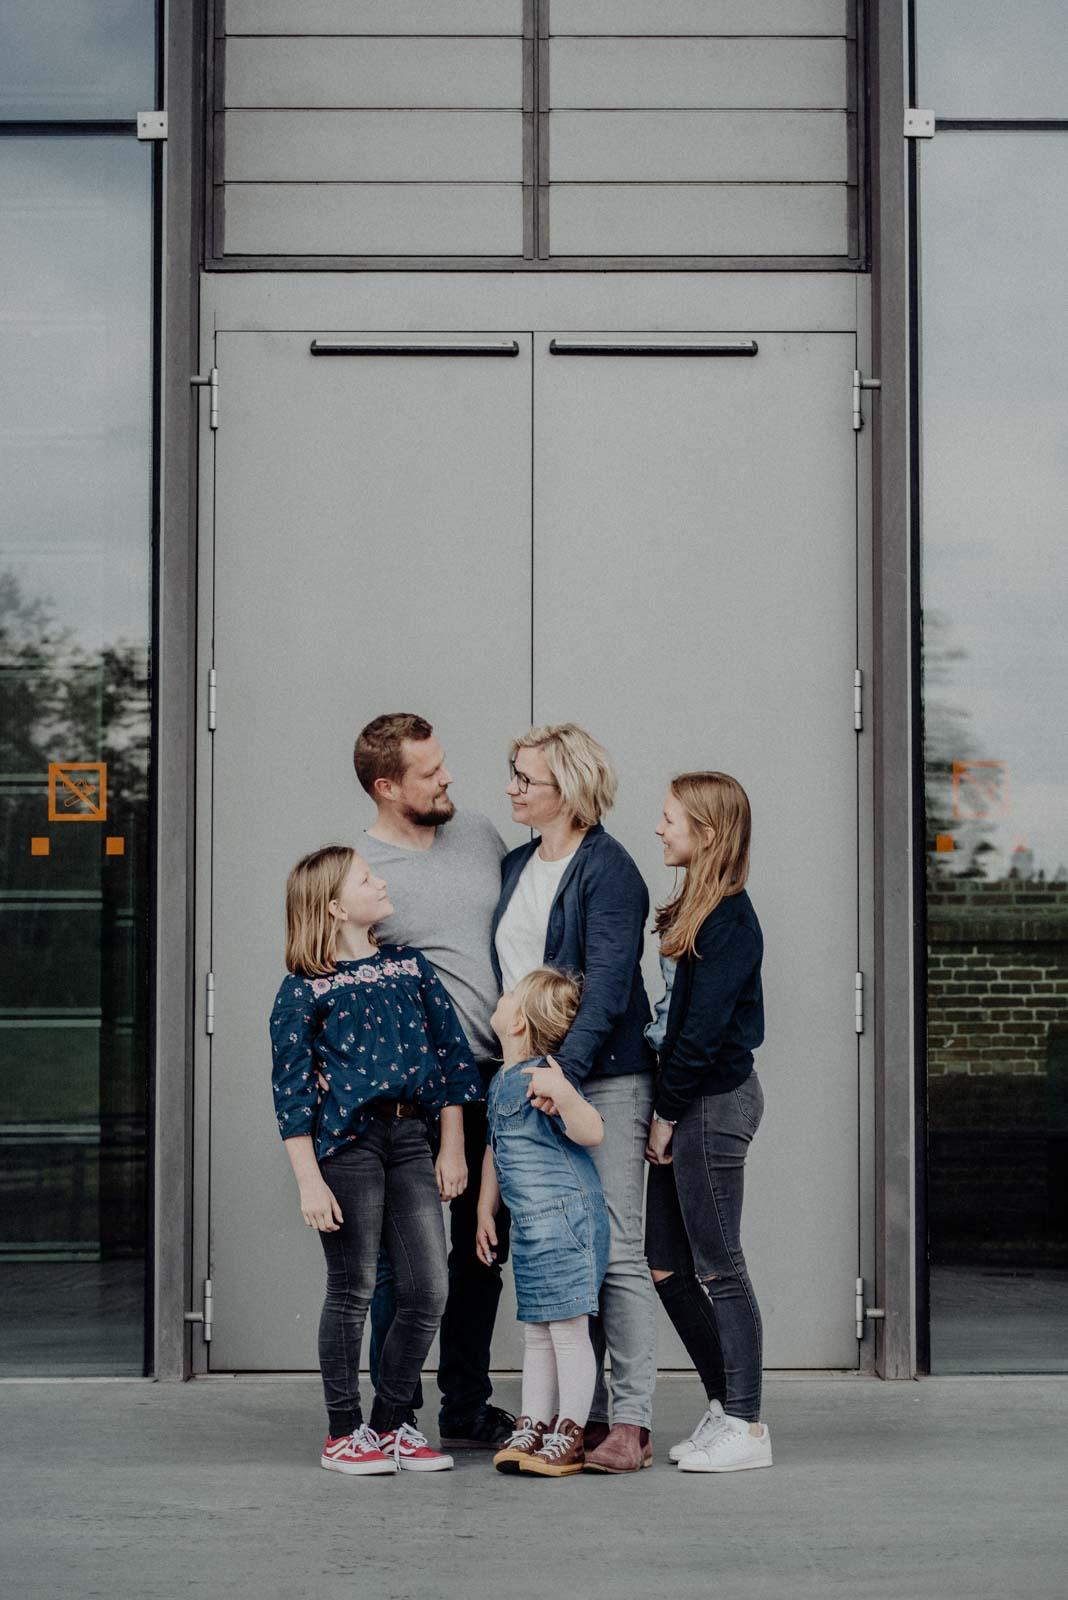 012-ungestellte-familienfotos-familienshooting-bochum-industrie-jahrhunderthalle